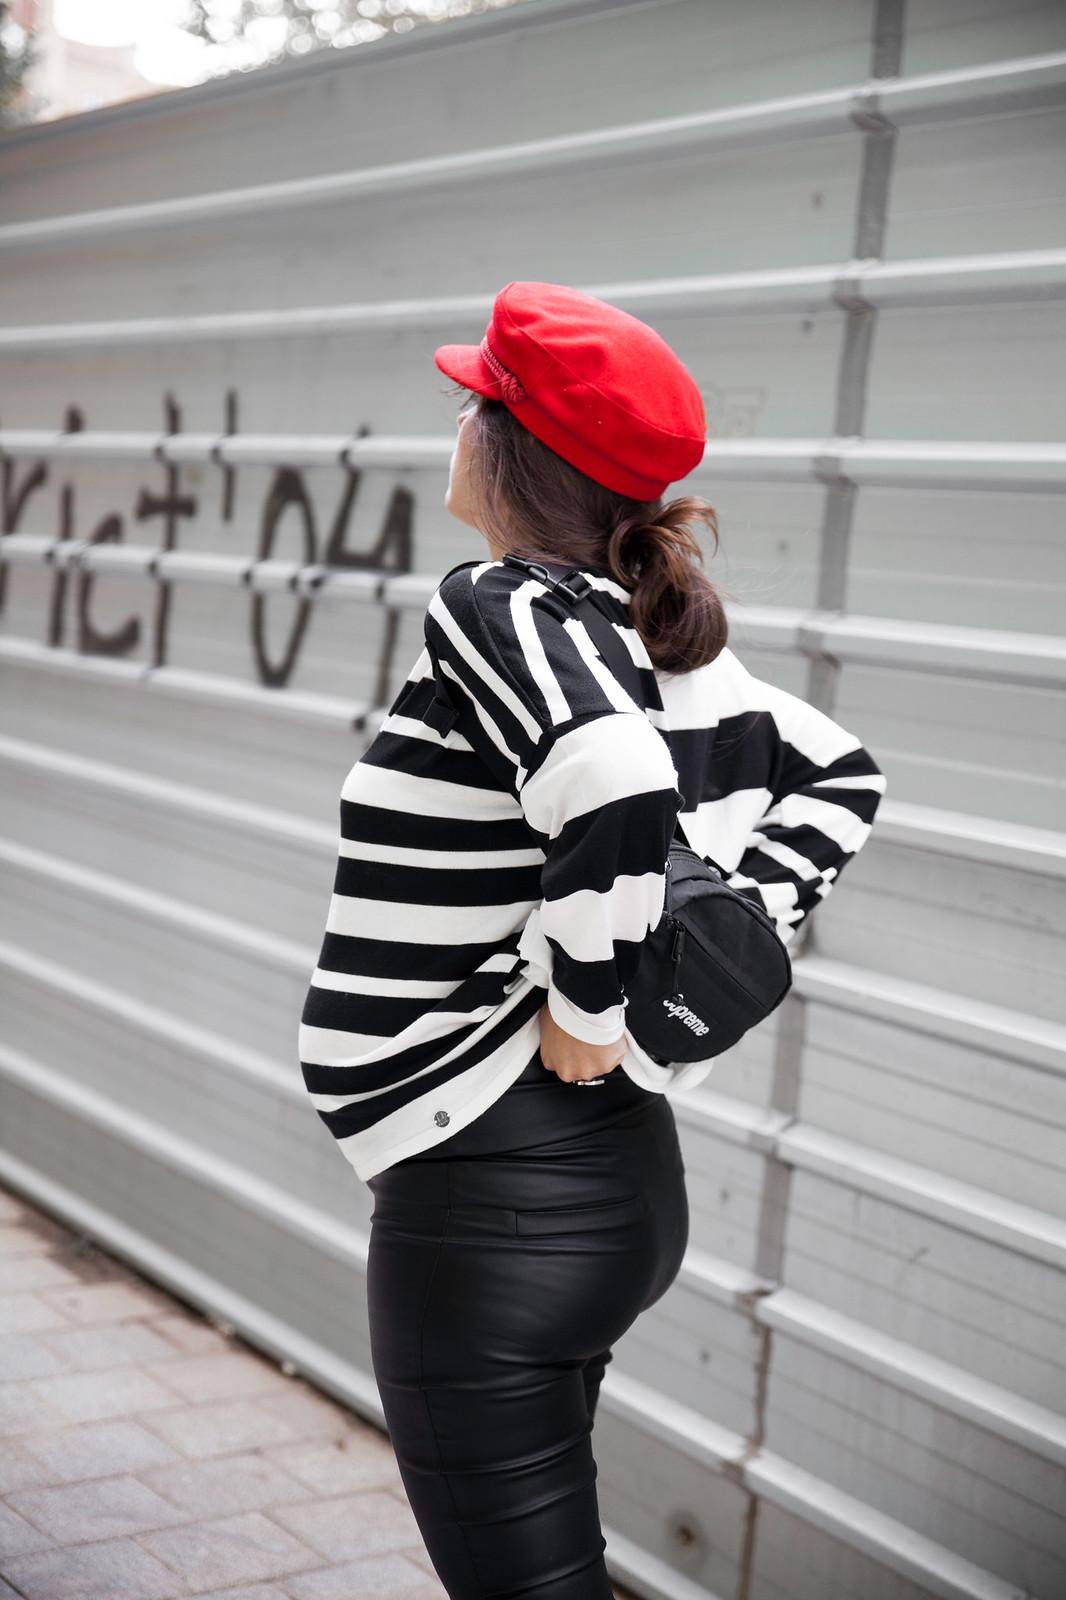 Cómo combinar un jersey blanco y negro a rayas